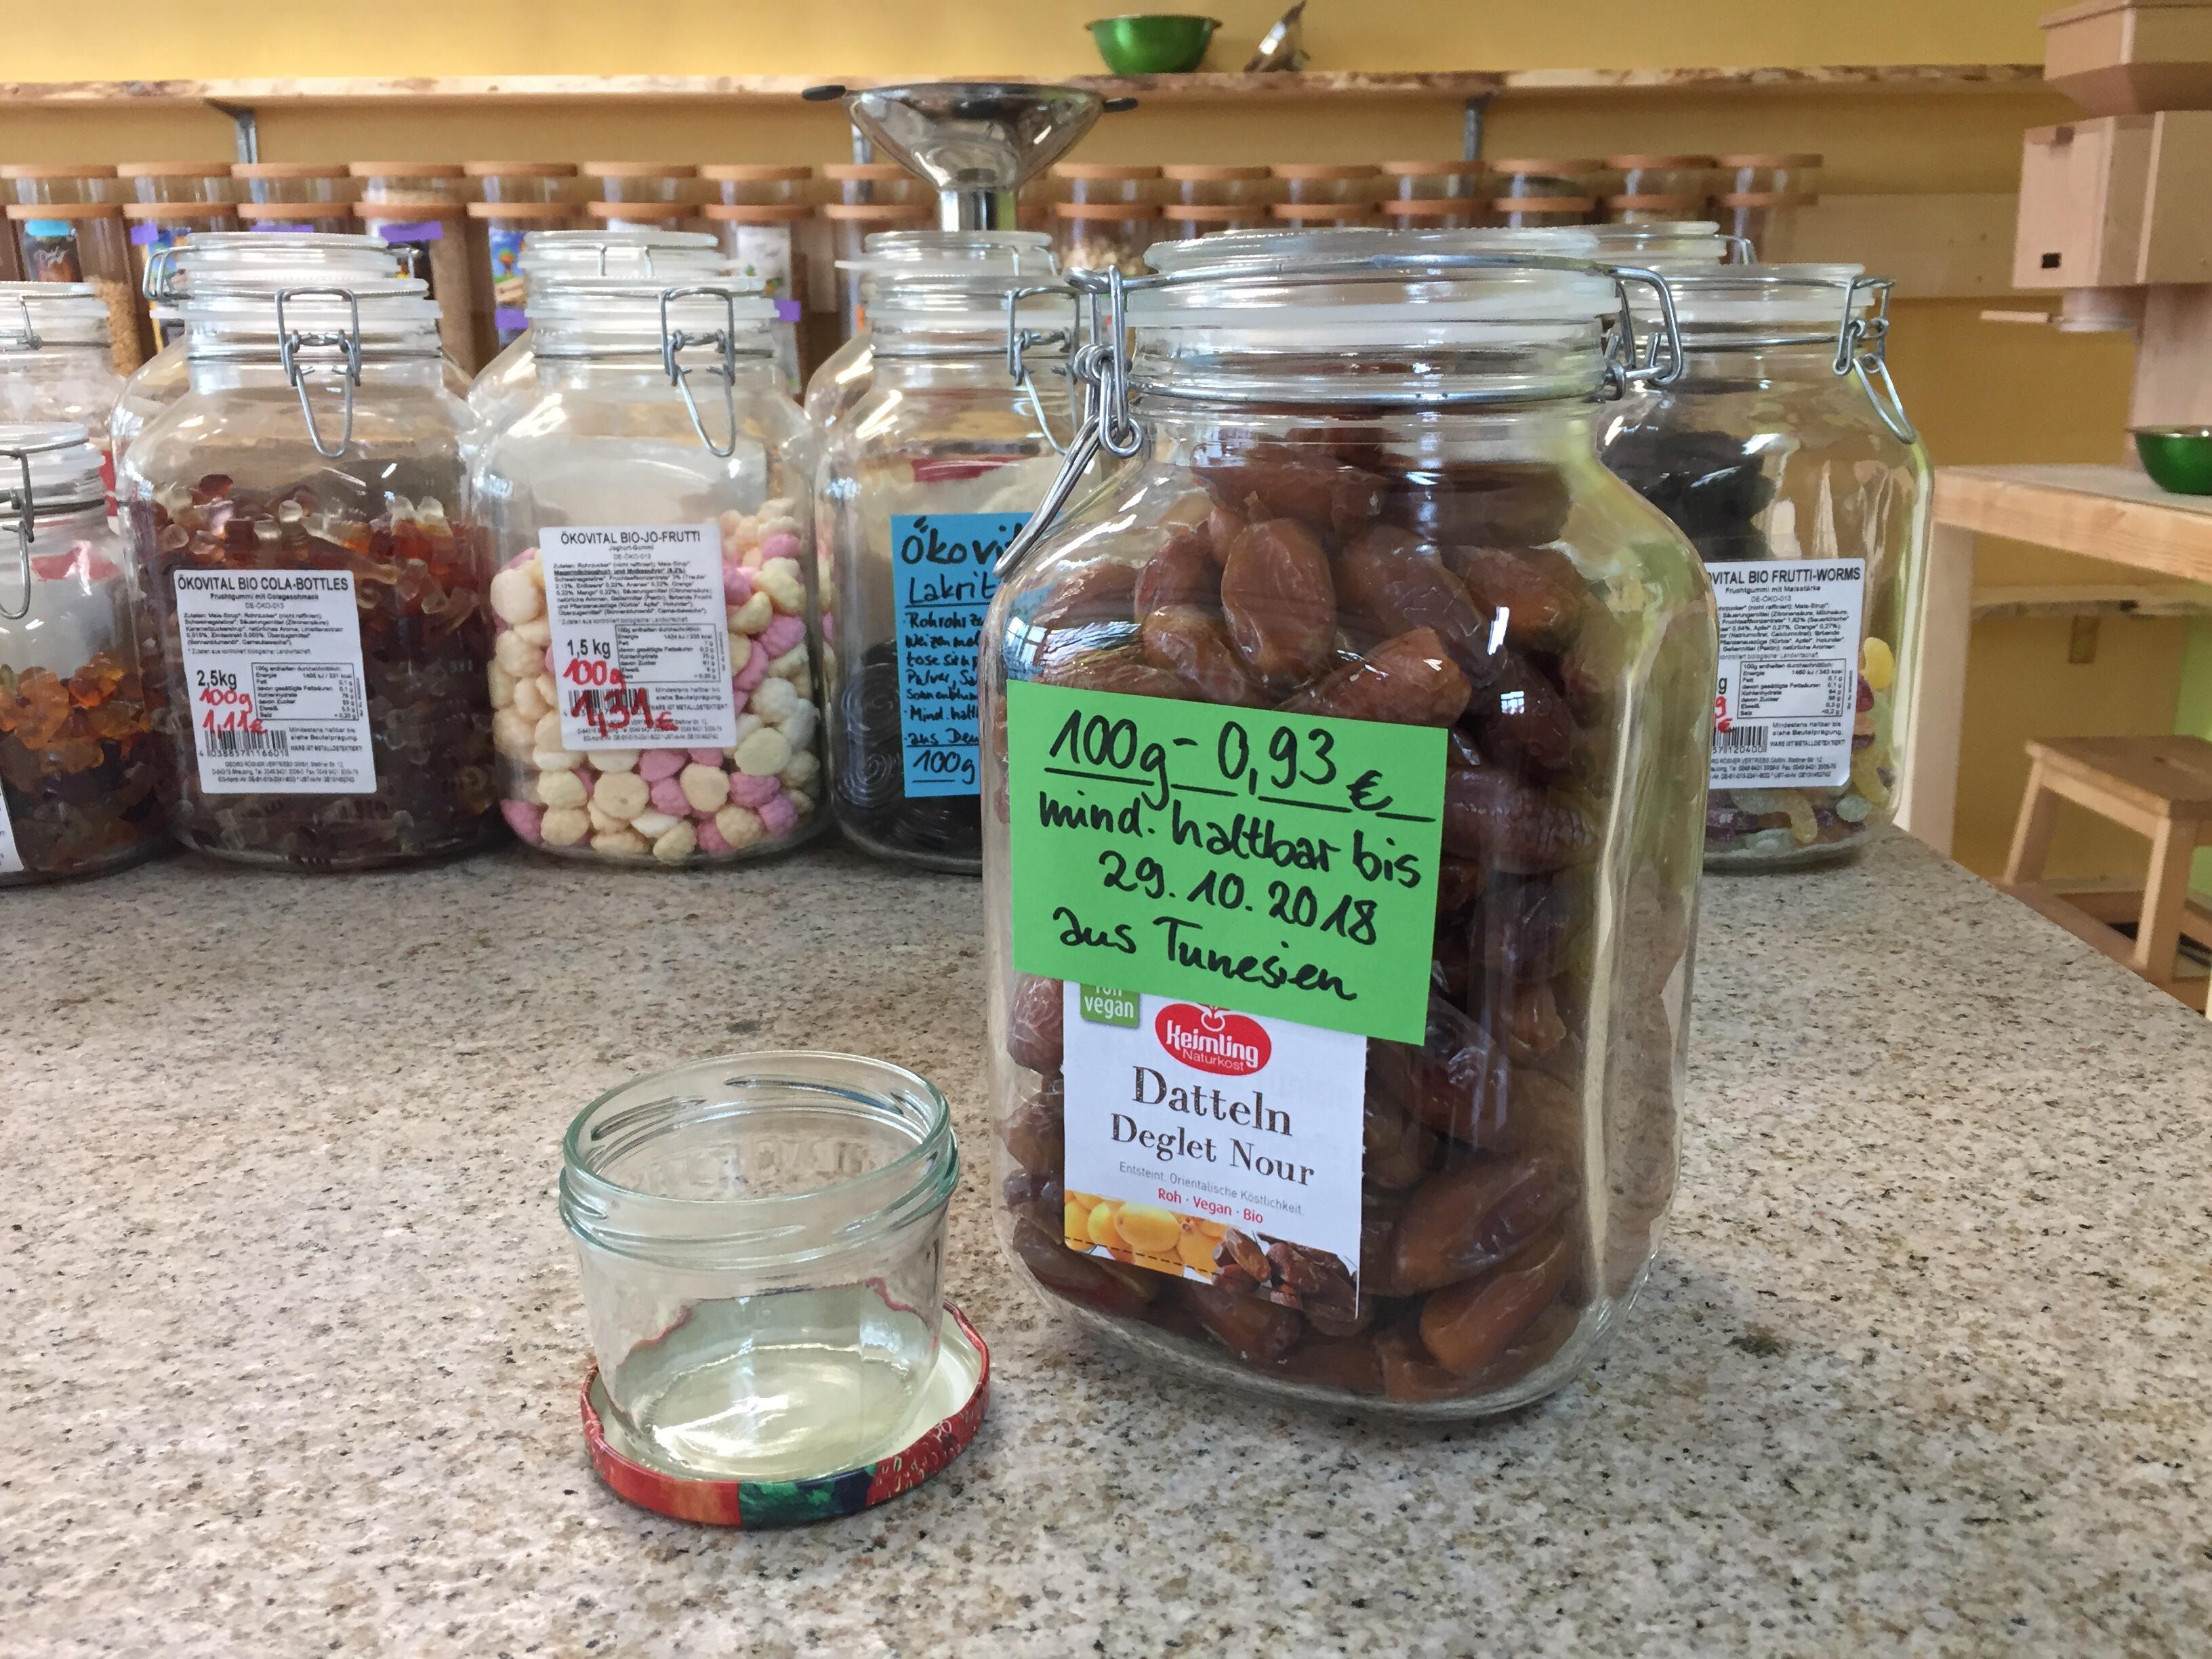 Eine Großpackung - hier für den Konsumenten ins Glas gefüllt - ersetzt viele kleine Einzelpackungen